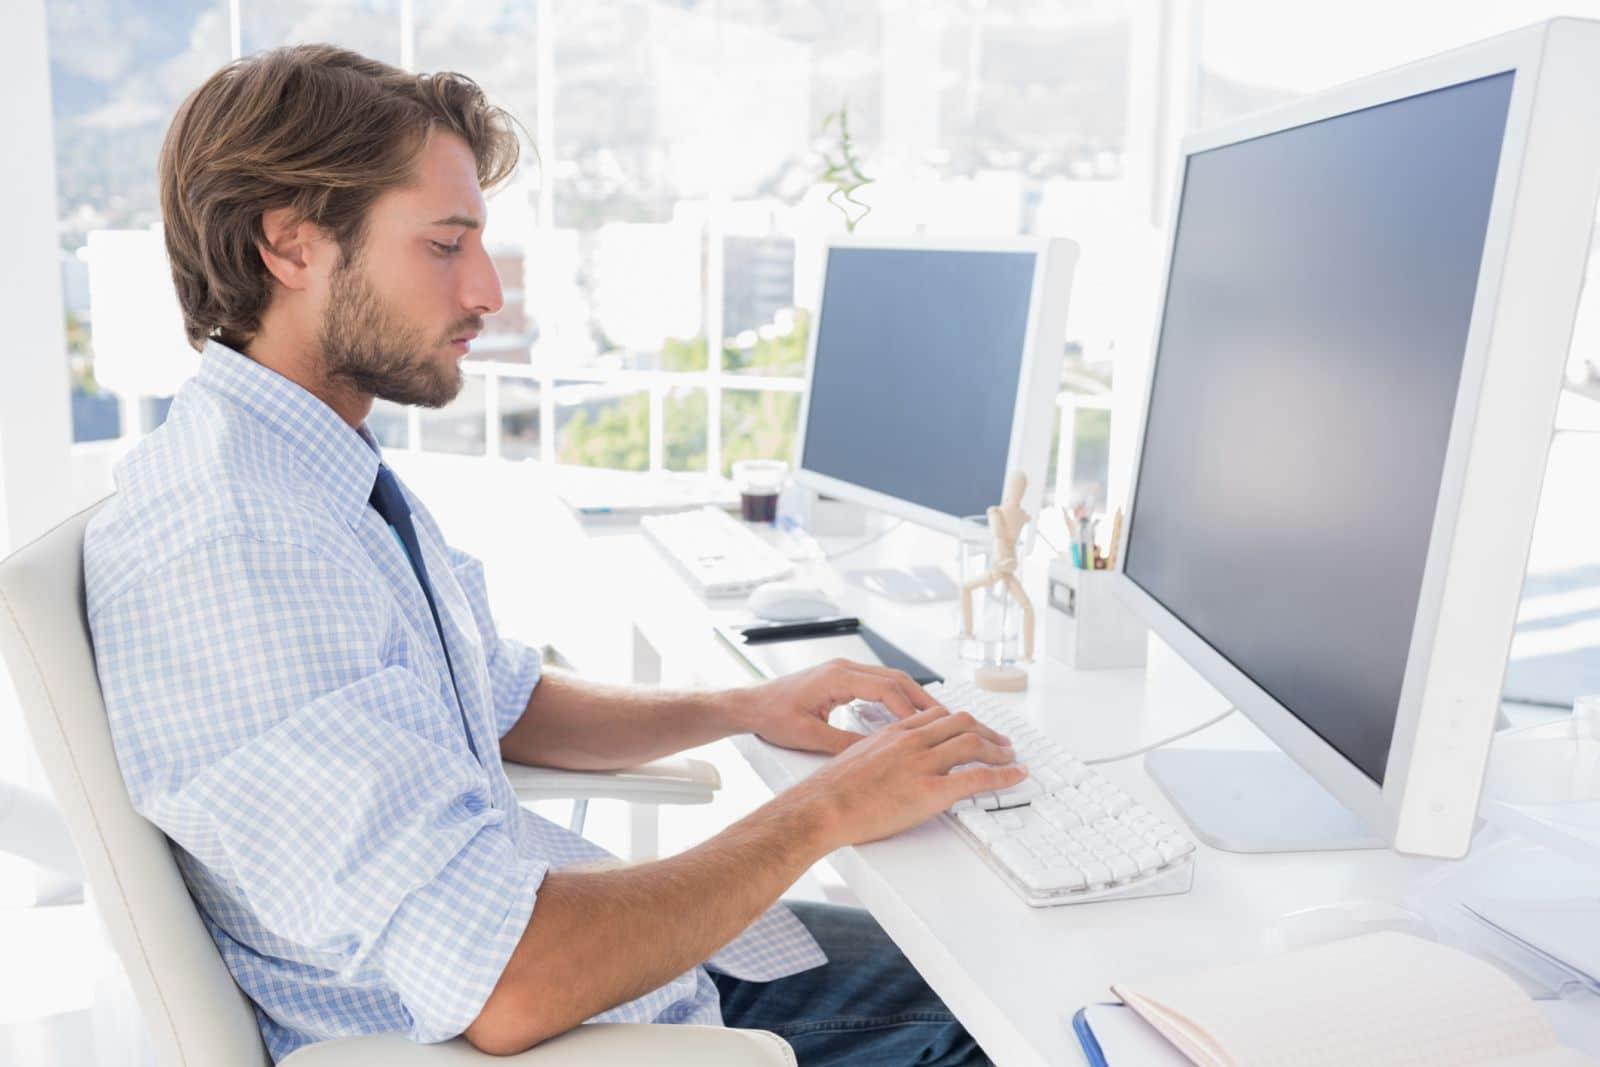 Определение ОКТМО индивидуального предпринимателя по его ИНН